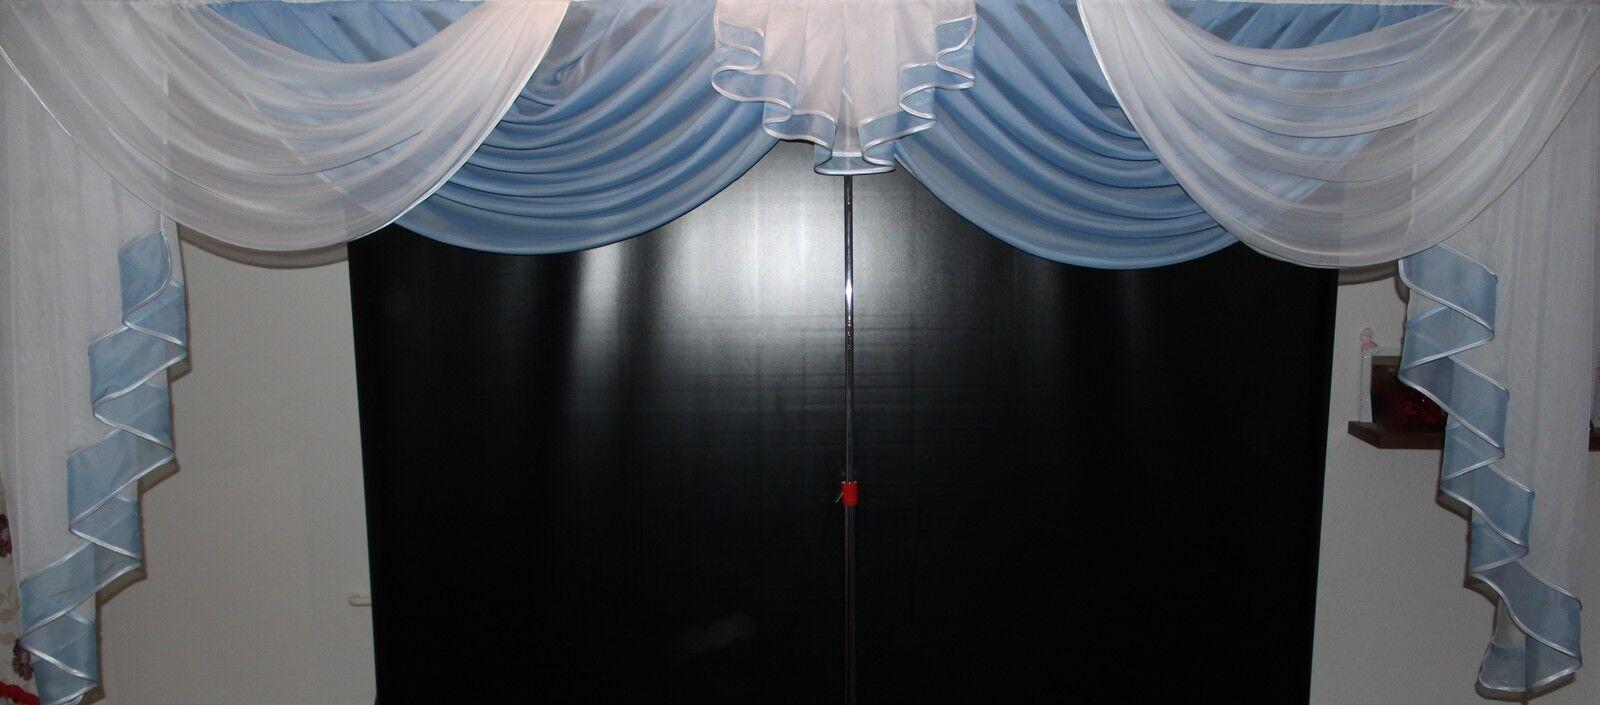 Deko - Gardine, Gardine, Gardine, Store, Vorhang in der Farbe blau   weiss   Billig  4c4b8f